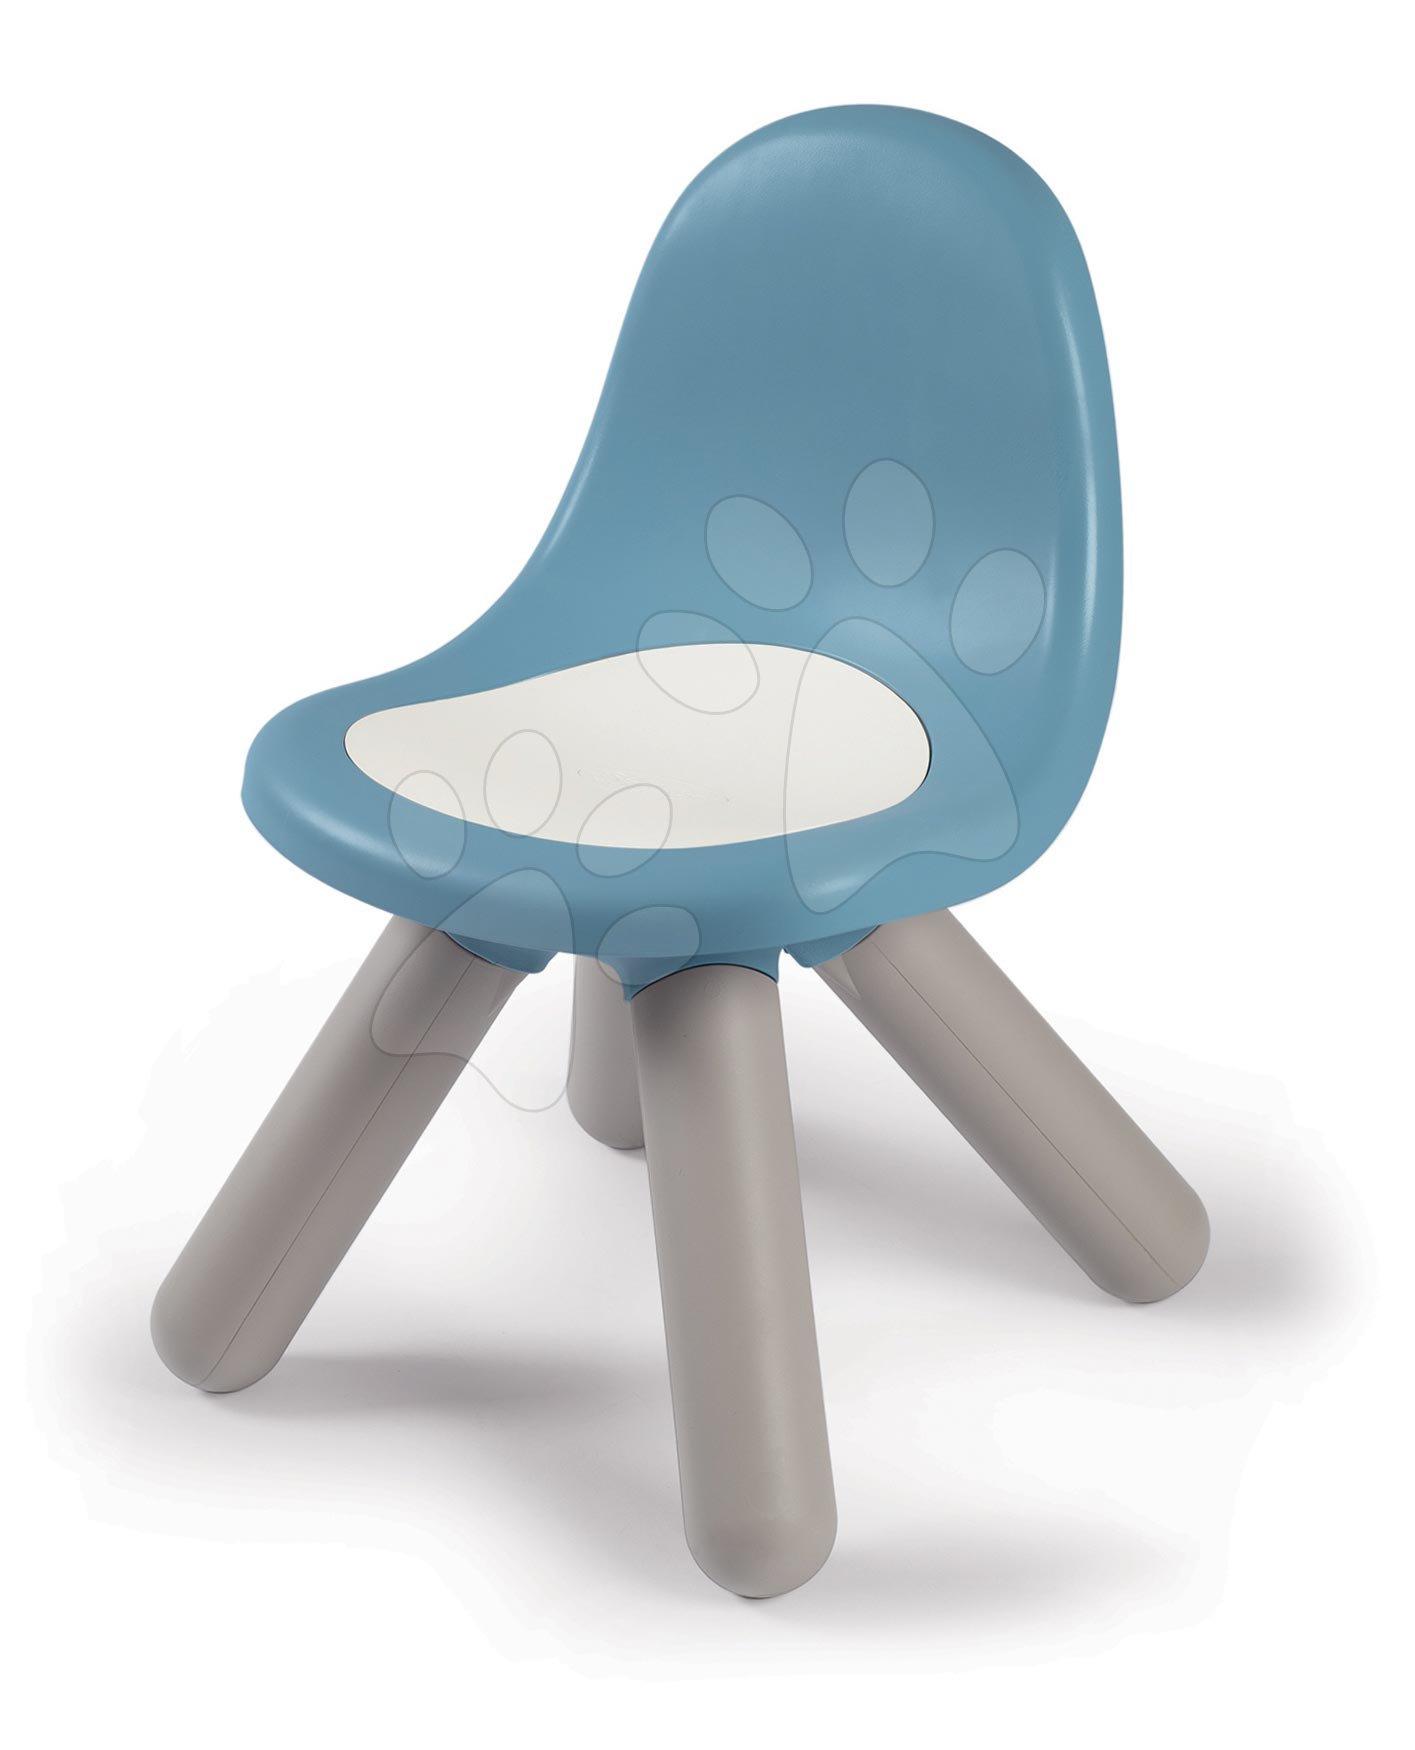 Židle pro děti KidChair Storm Blue Smoby modrošedá s UV filtrem 50 kg nosnost výška sedadla 27 cm od 18 měsíců